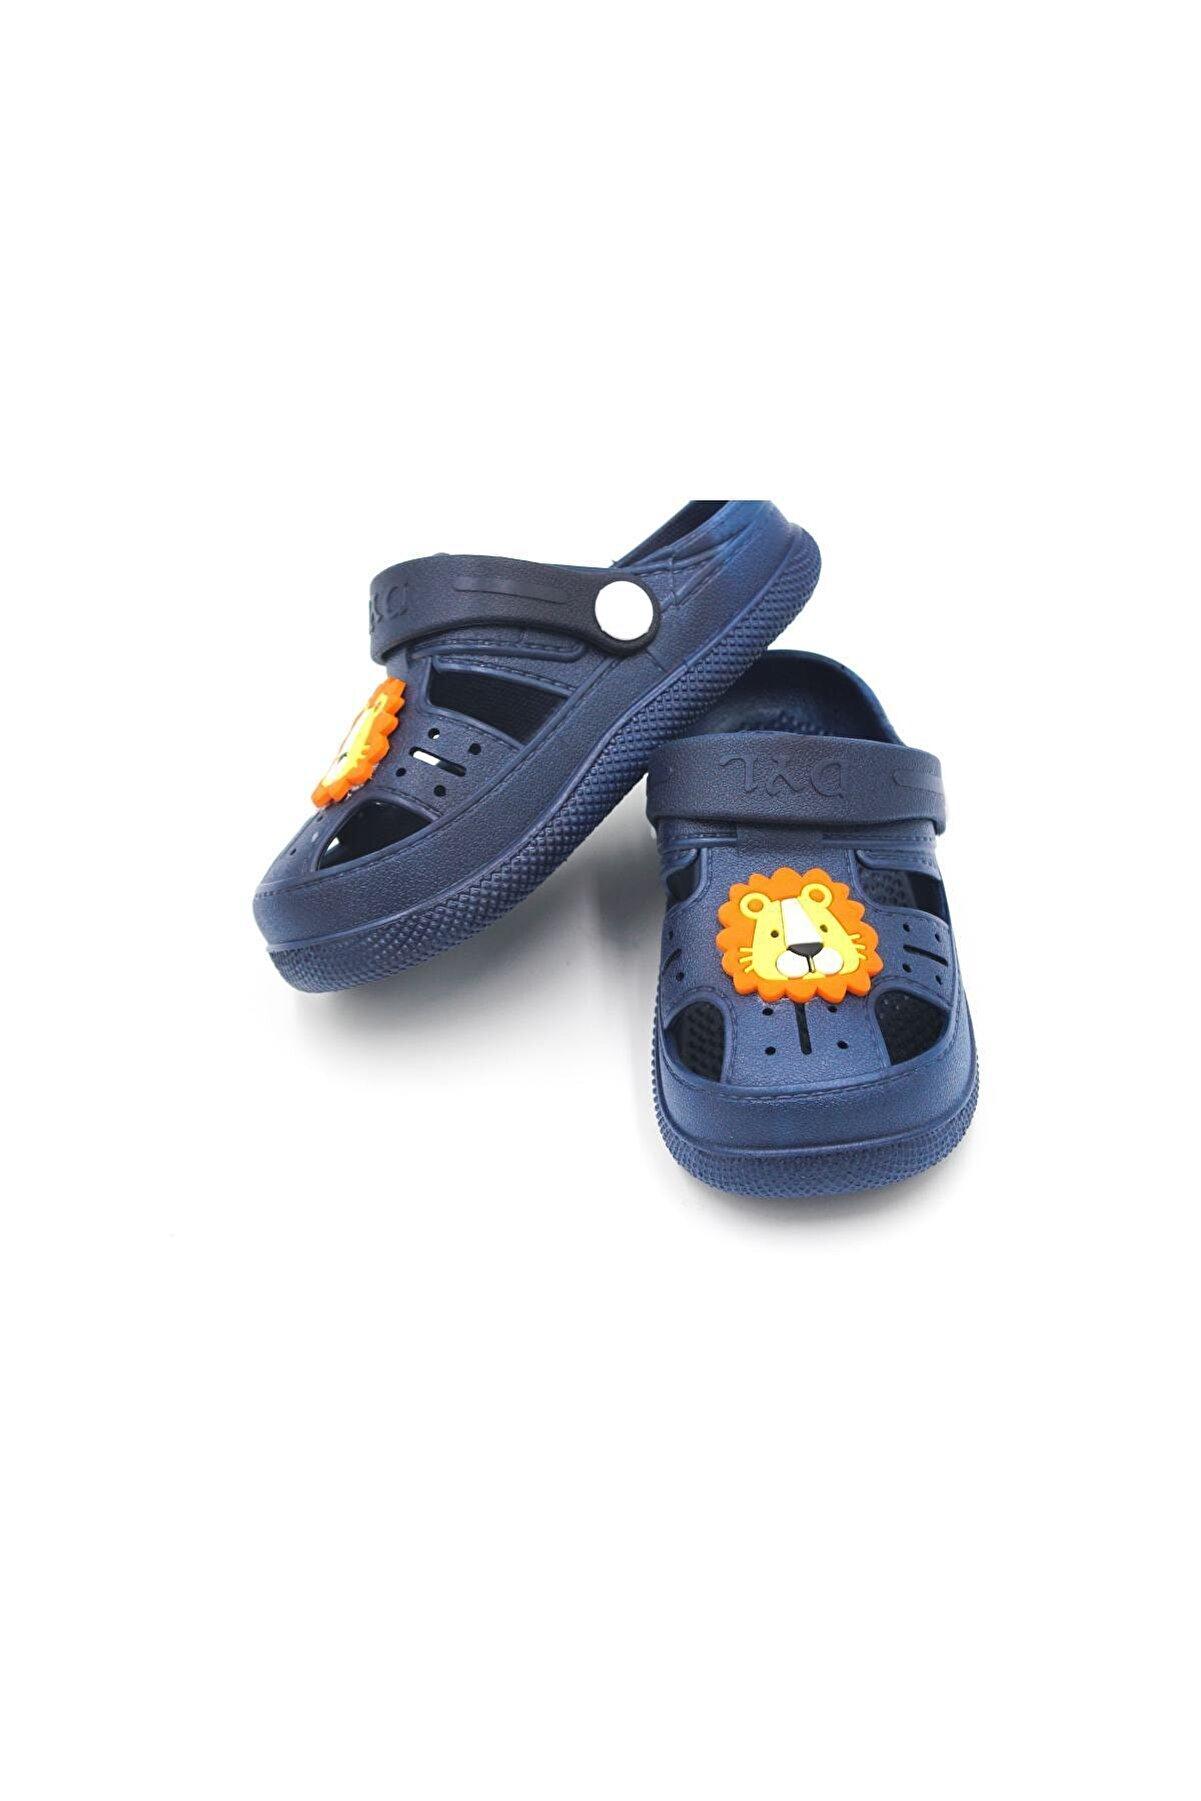 Daye Çocuk Günlük Ortopedik Kaymaz Taban Hayvan Figürlü Çocuk Sandalet Terlik - Lacivert